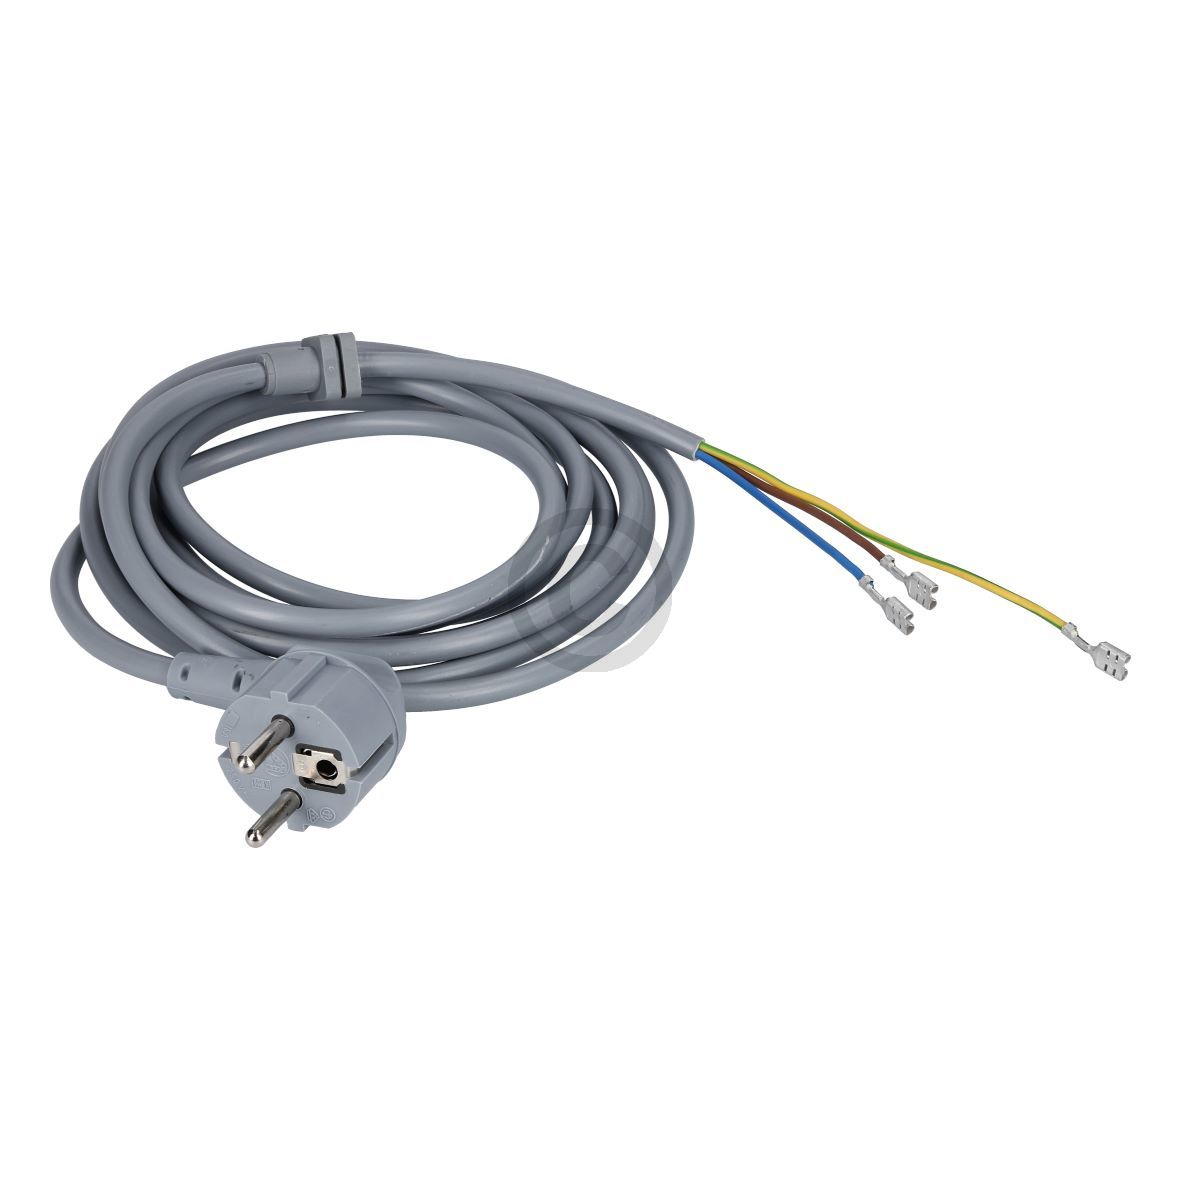 Kabel Anschlusskabel Bosch 00469773 3m für Waschmaschine Bosch, Siemens, Neff